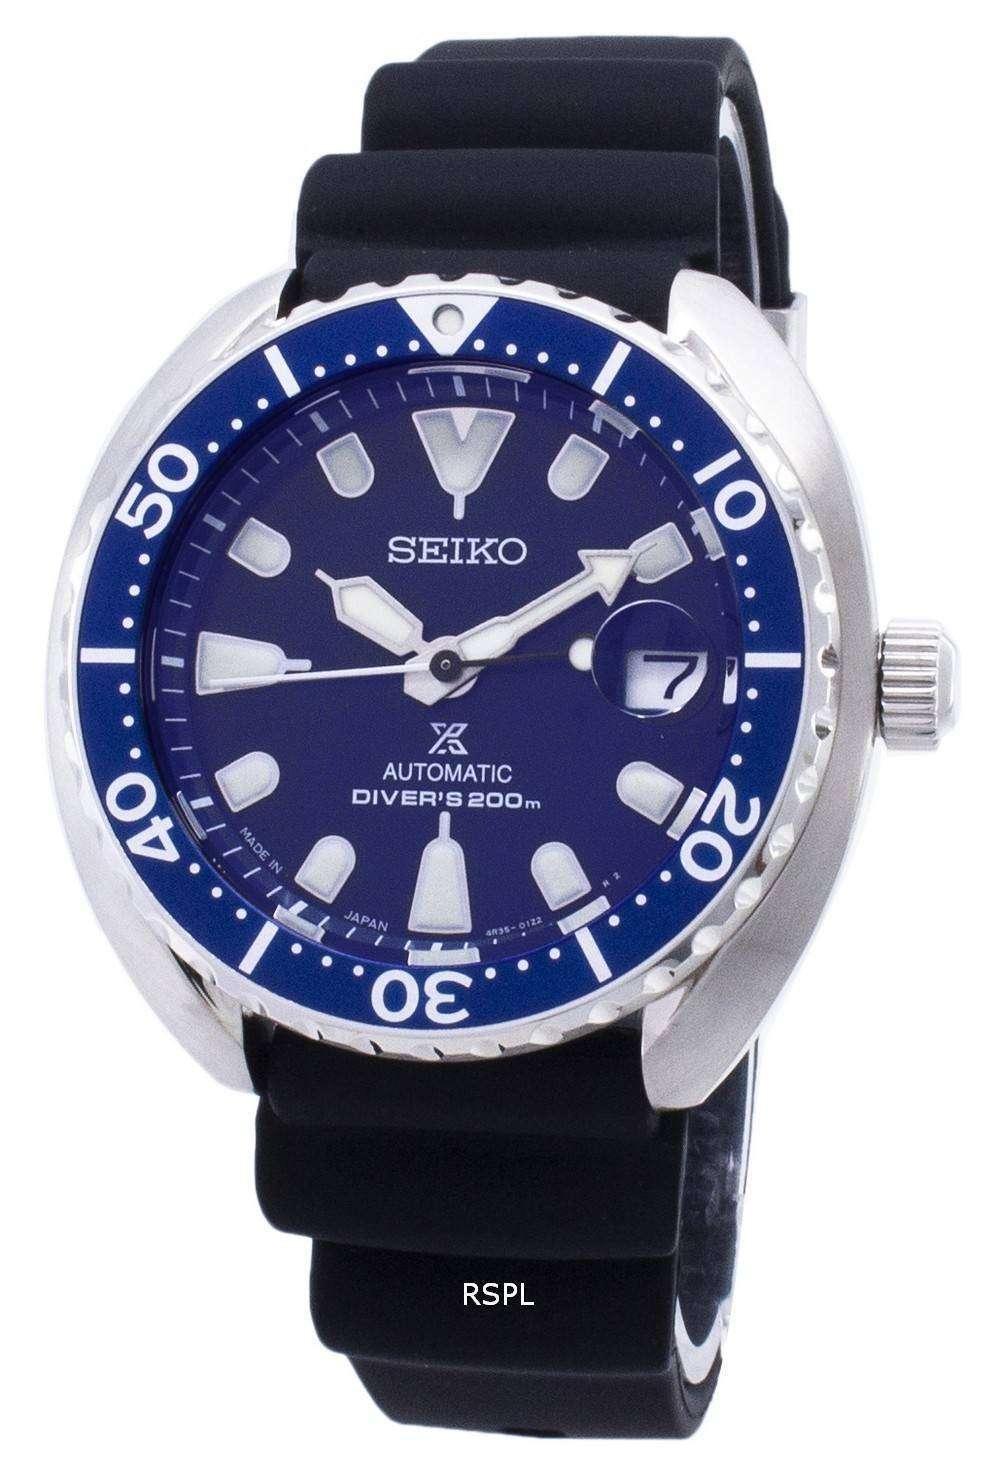 nueva llegada 641a4 0ebc8 200M Japón de Seiko Prospex tortuga Mini Automatic Diver SRPC39J SRPC39J1  SRPC39 Watch de Men